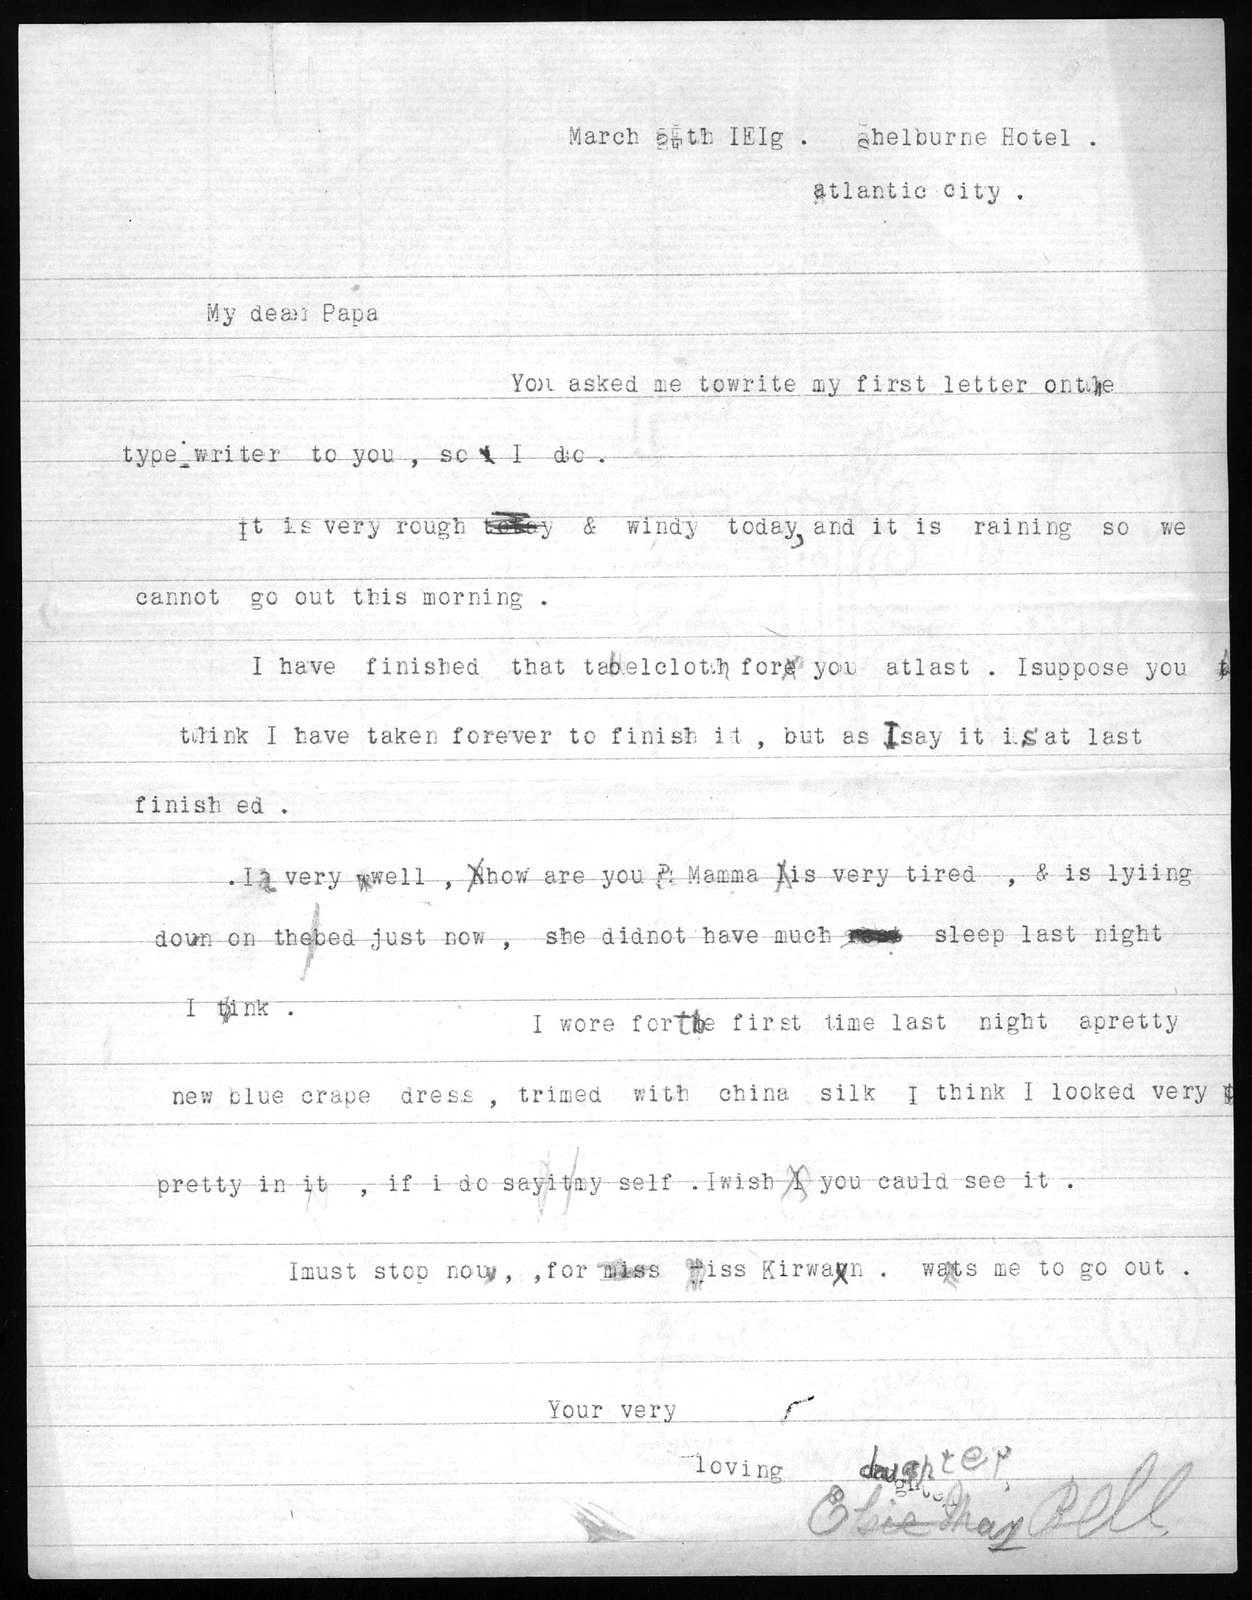 Letter from Elsie Bell Grosvenor to Alexander Graham Bell, March 25